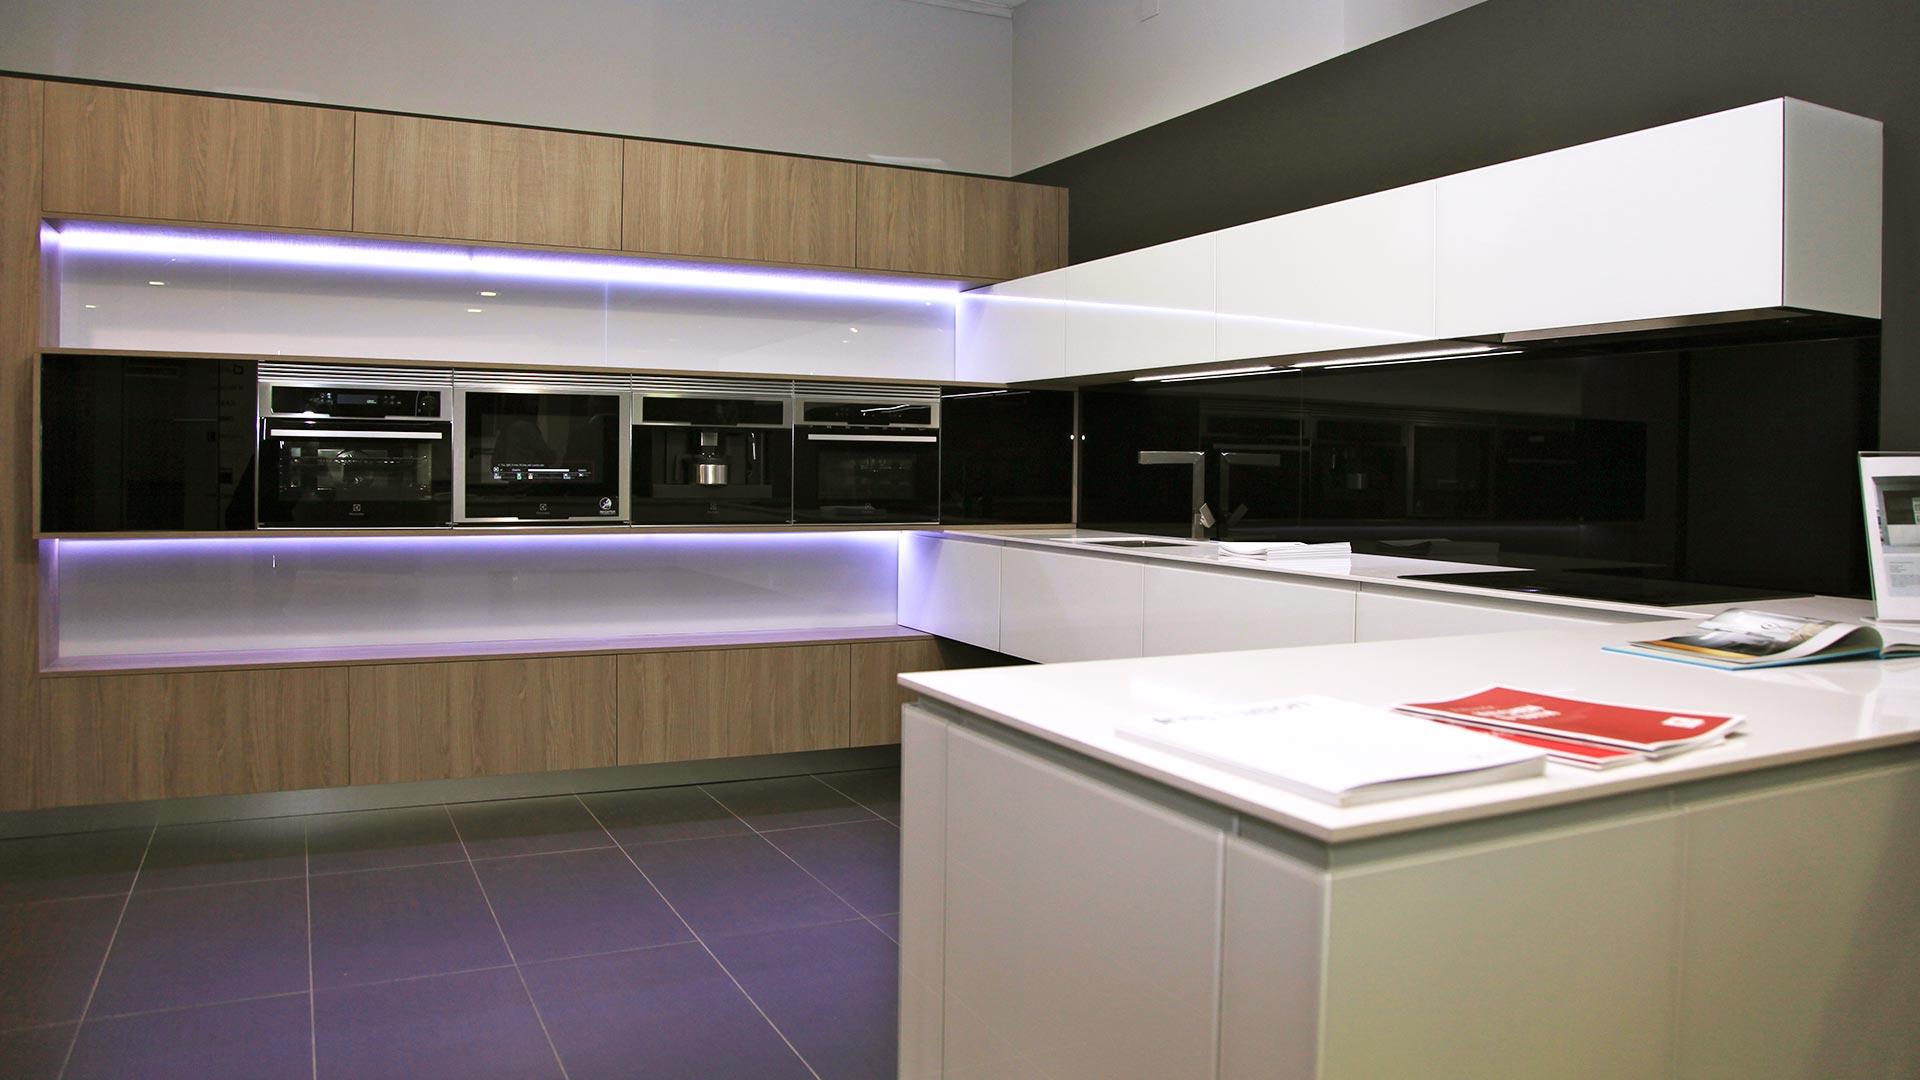 Tienda Cocina Kitchen in Poio